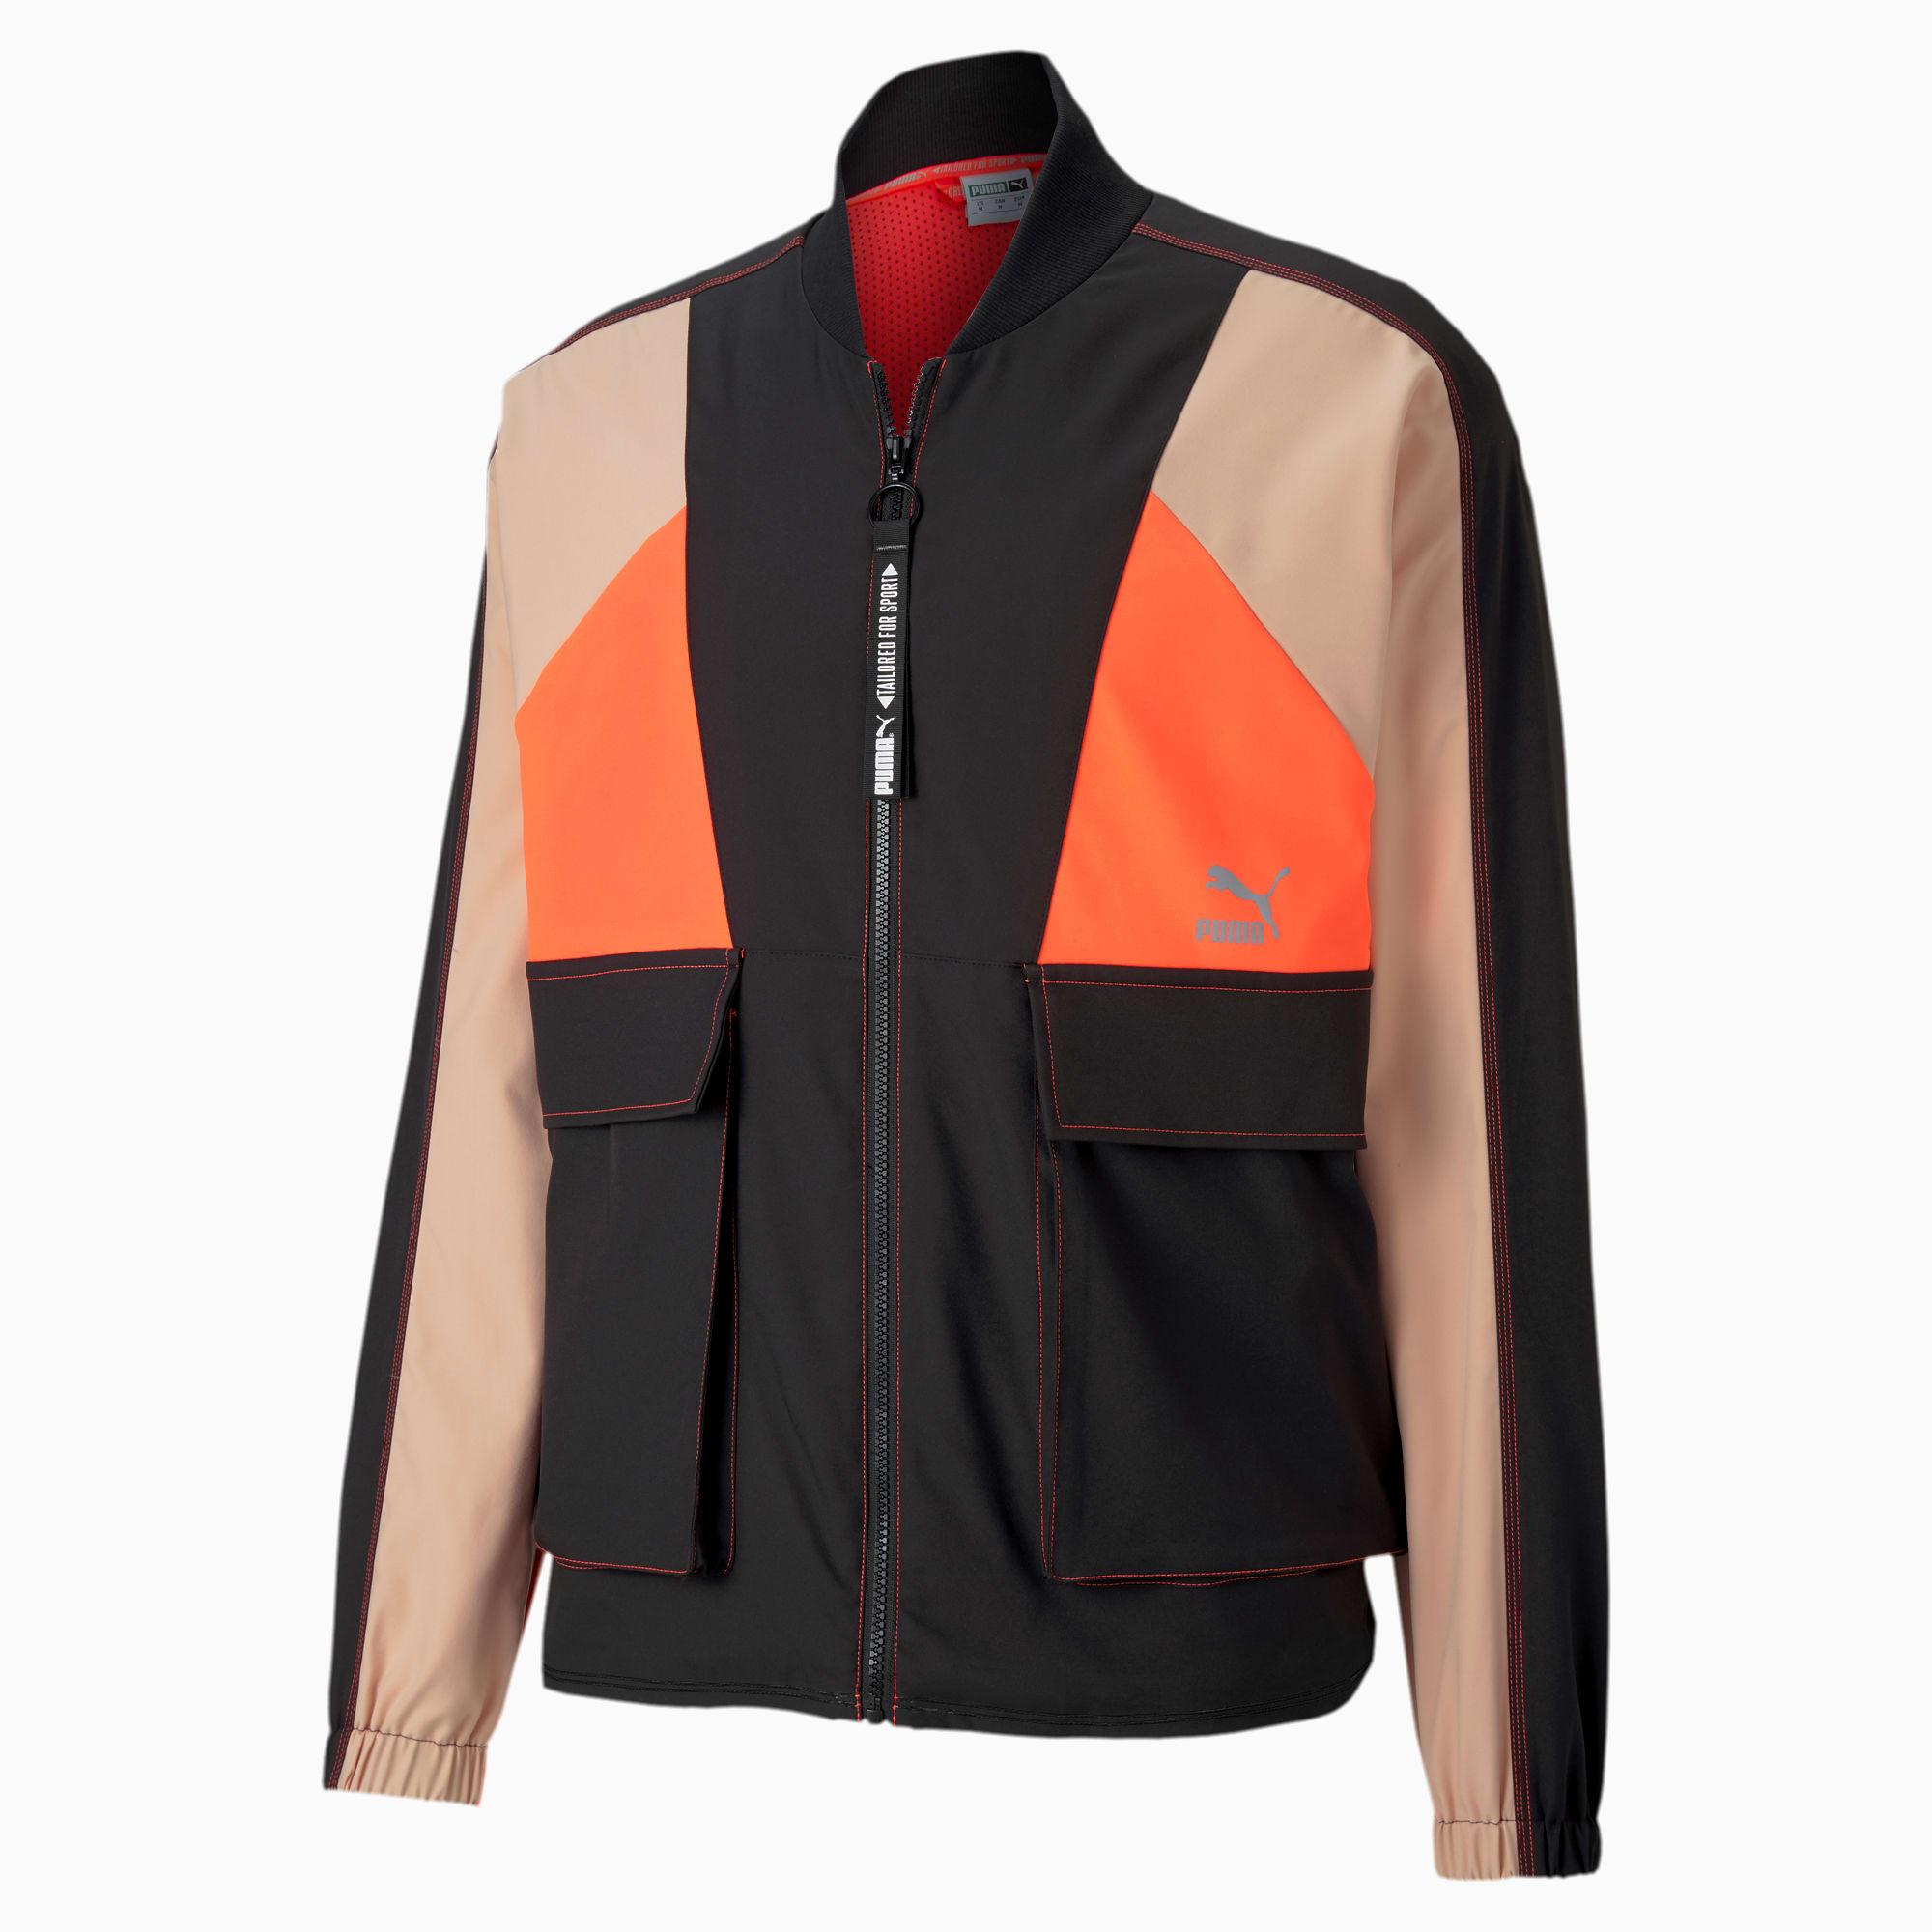 PUMA Blouson de survêtement Tailored for Sport Industrial pour Homme, Noir, Taille M, Vêtements